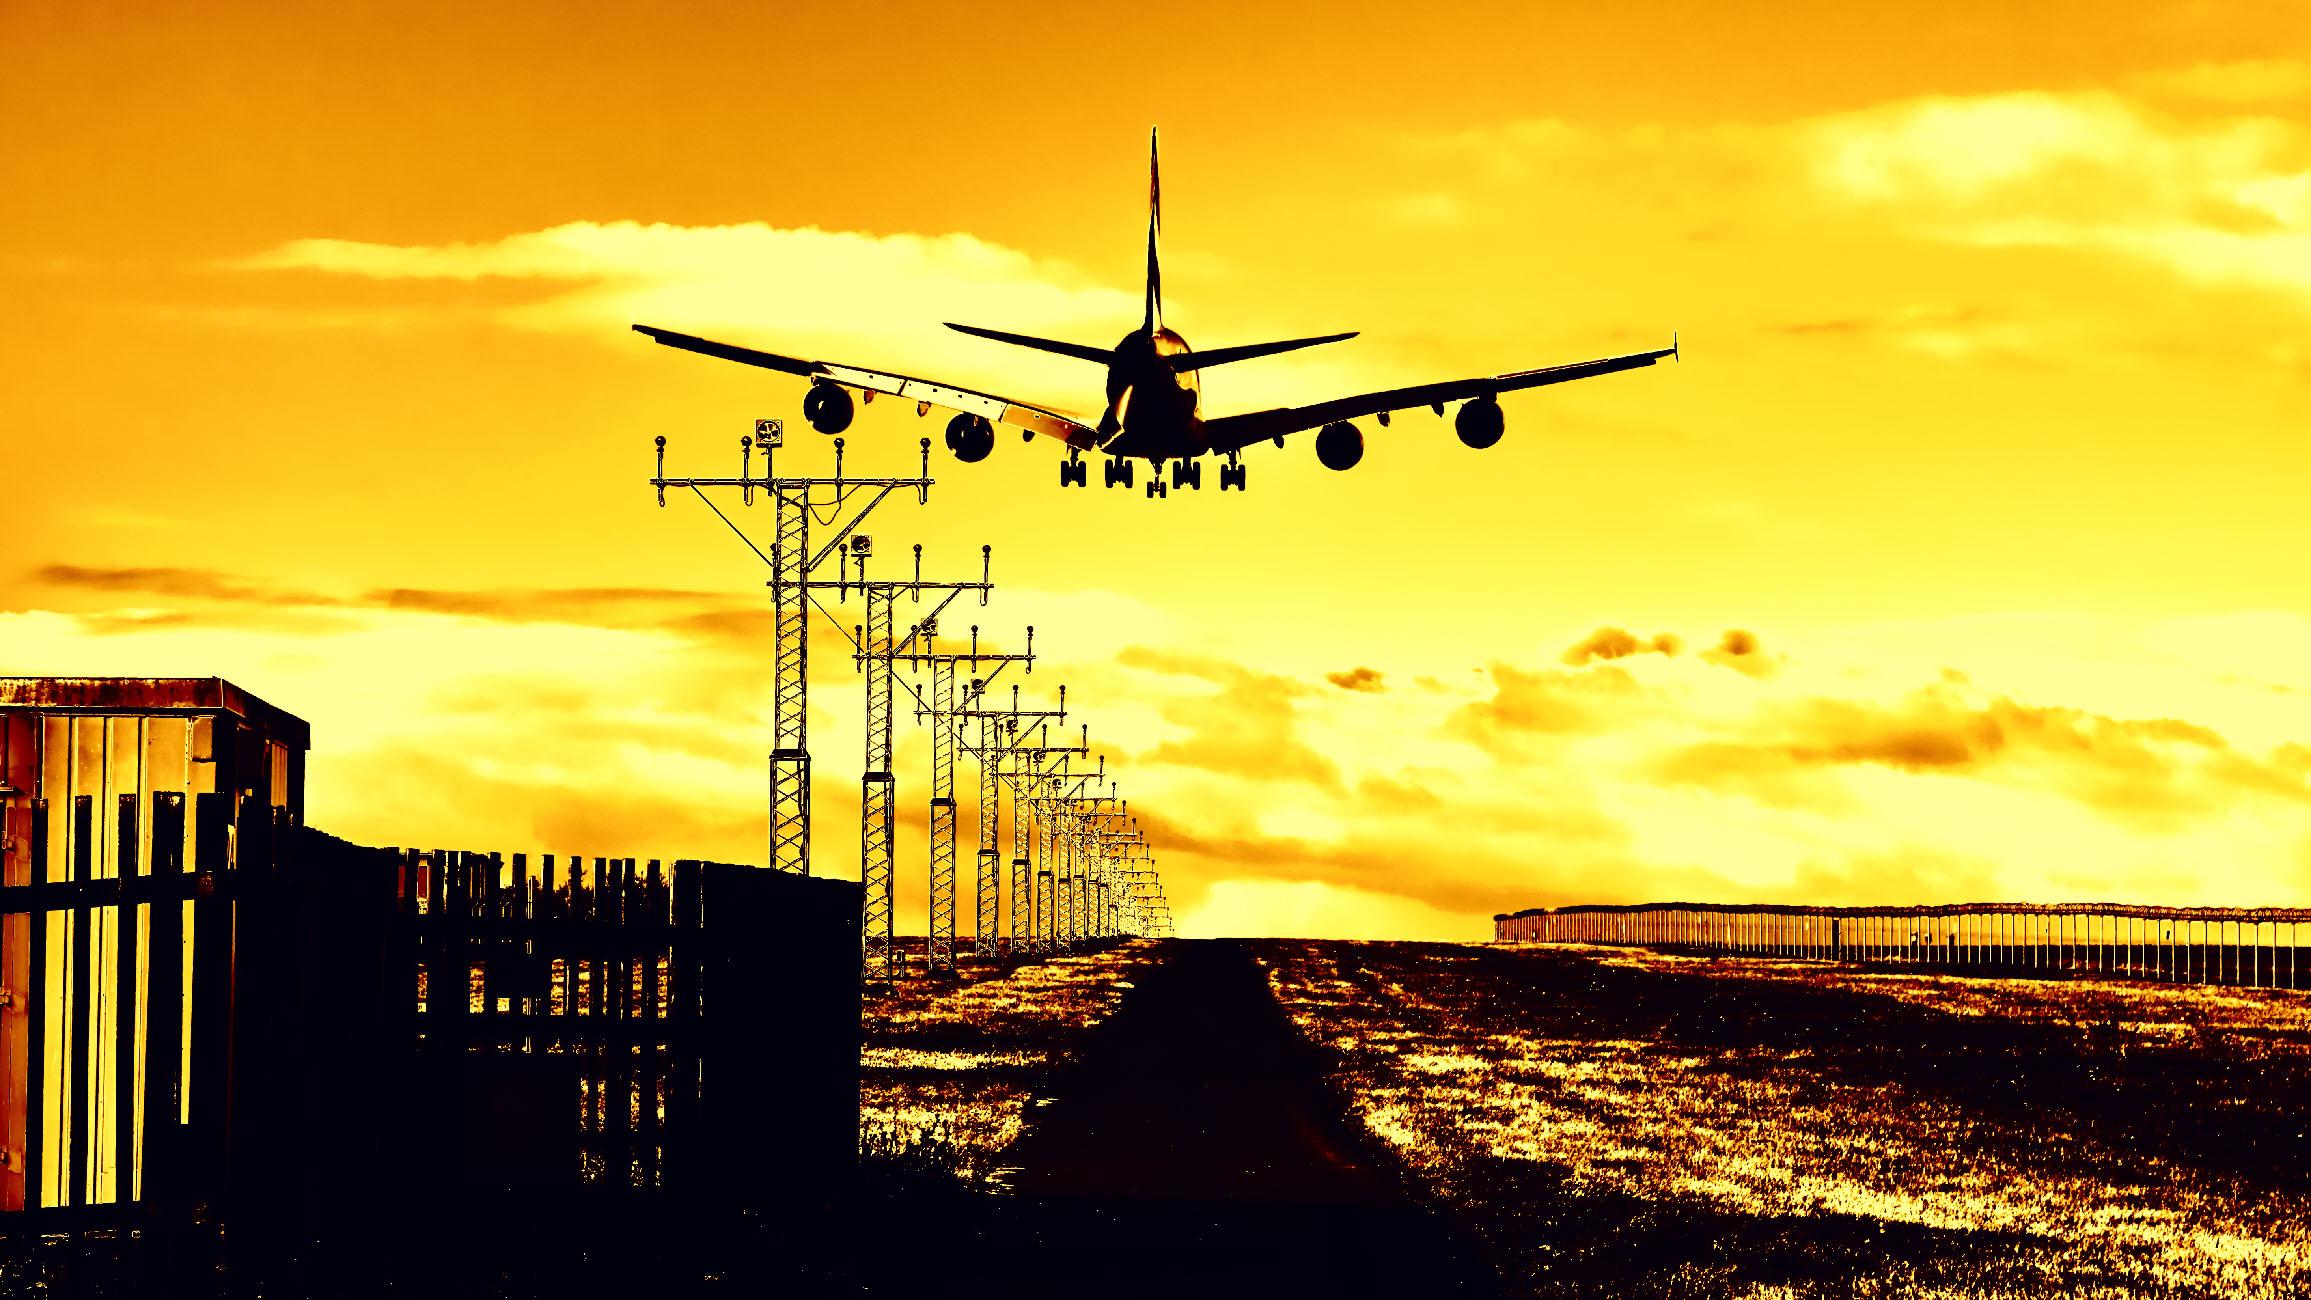 přistání letadla v Praze letiště Václava havla od Jan Stojan Photography ©